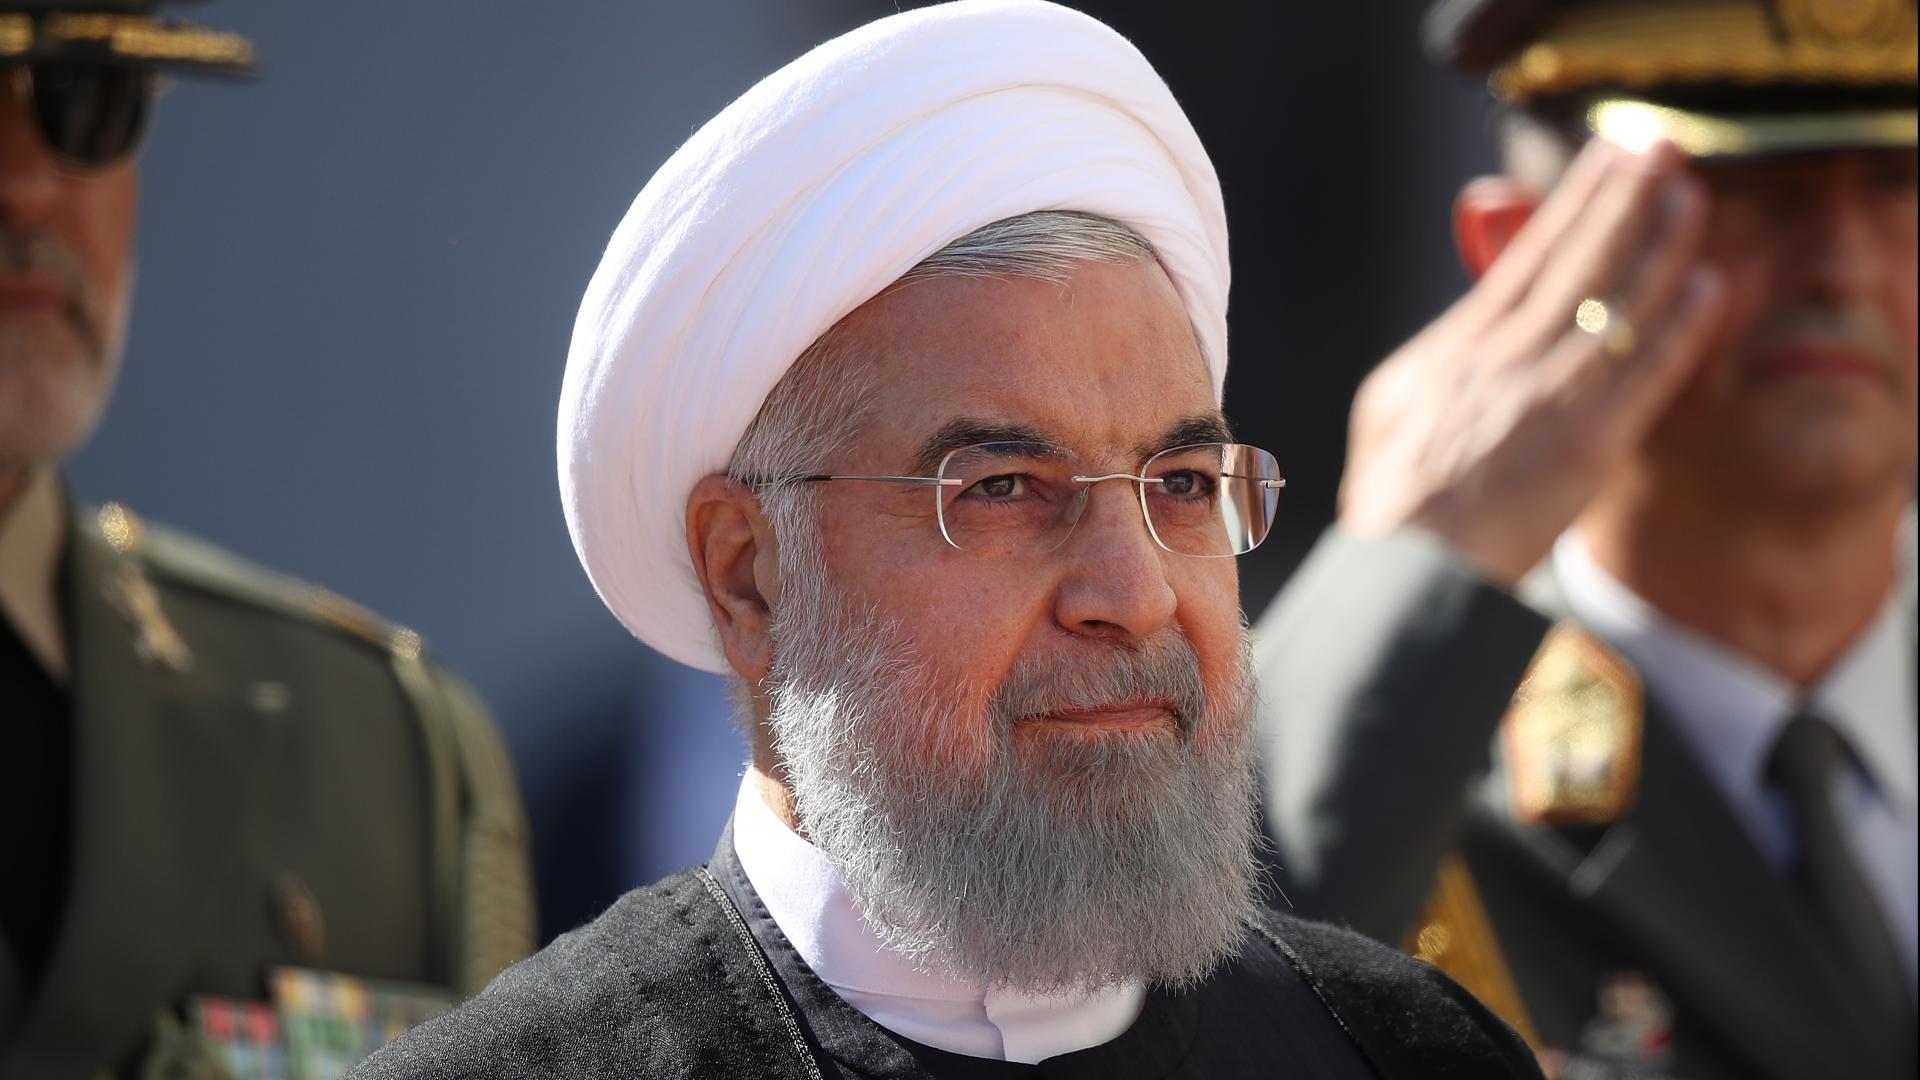 روحاني: المرتزقة غير قادرين على منح الأمن لأحد.. والذي اعتدى على إيران اعتدى بعدها على الكويت